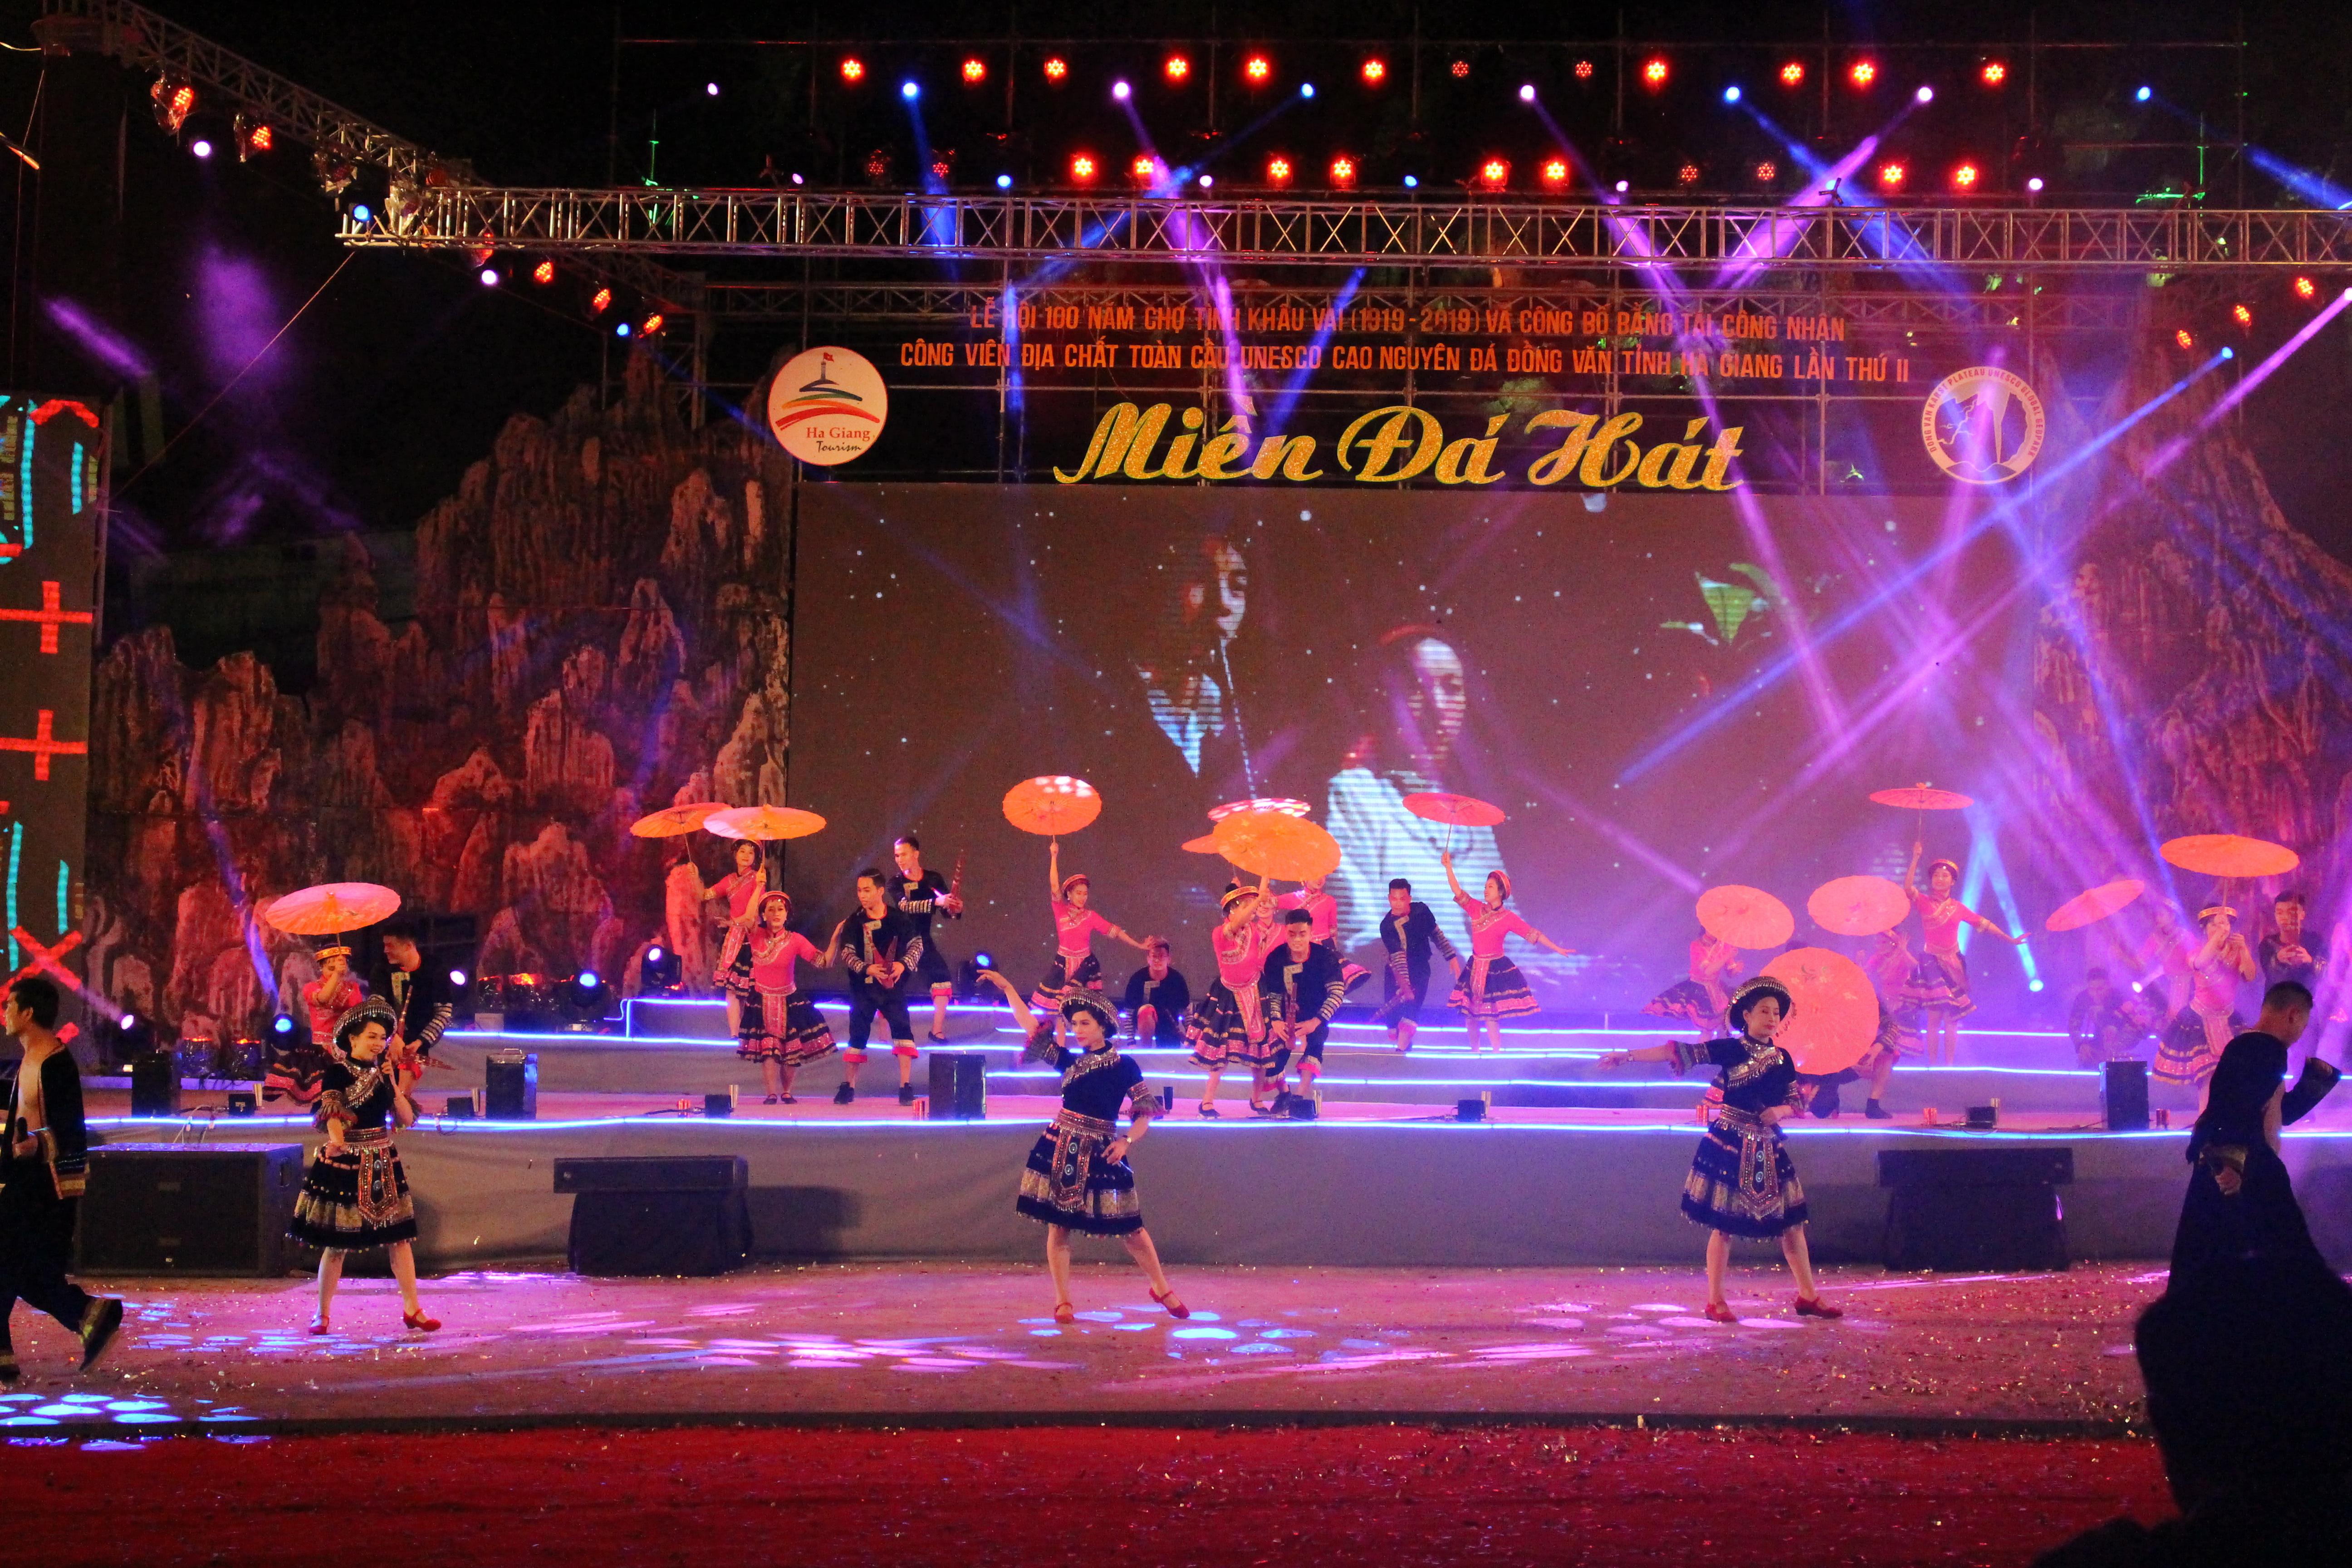 Lễ hội 100 năm Chợ tình Khâu Vai (1919- 2019) và công bố Bằng tái công nhận Công viên địa chất toàn cầu UNESCO Cao nguyên đá Đồng Văn tỉnh Hà Giang lần thứ II